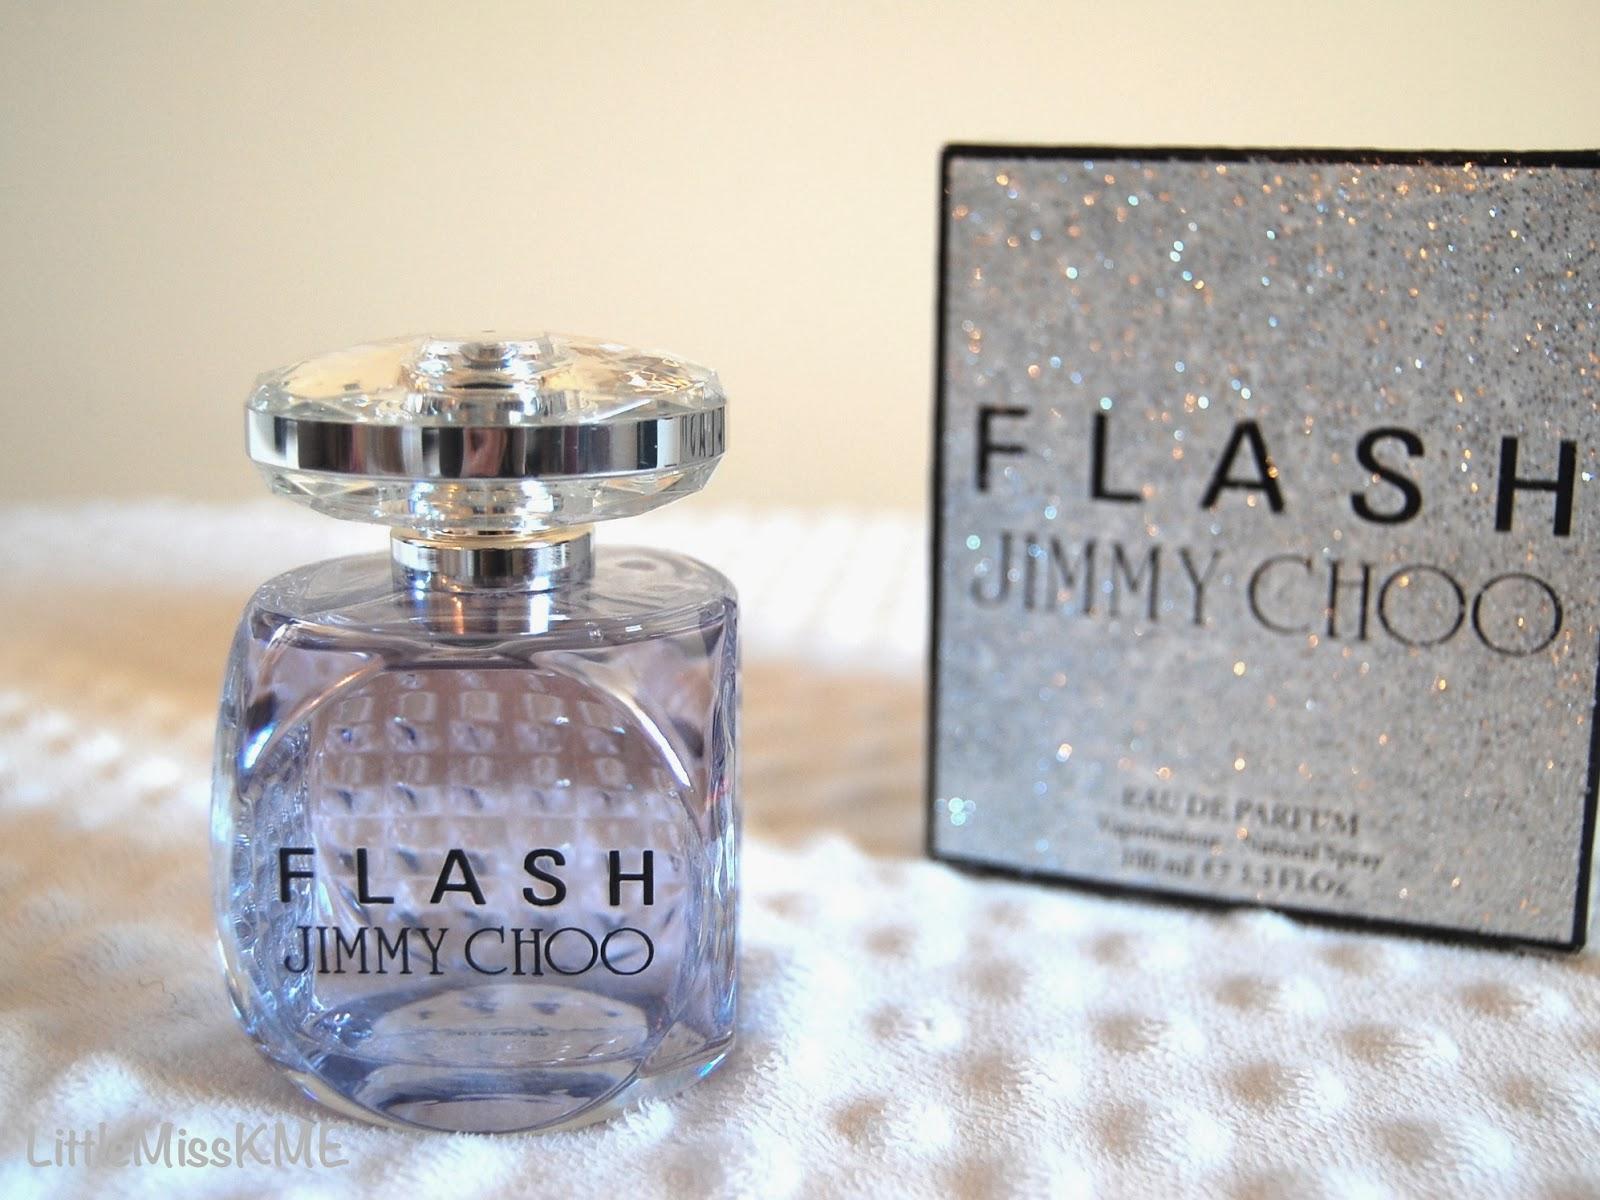 Jimmy Choo Choo FlashKiziwoo Jimmy Choo Choo FlashKiziwoo FlashKiziwoo FlashKiziwoo Jimmy Jimmy Jimmy Choo D9IYWHE2